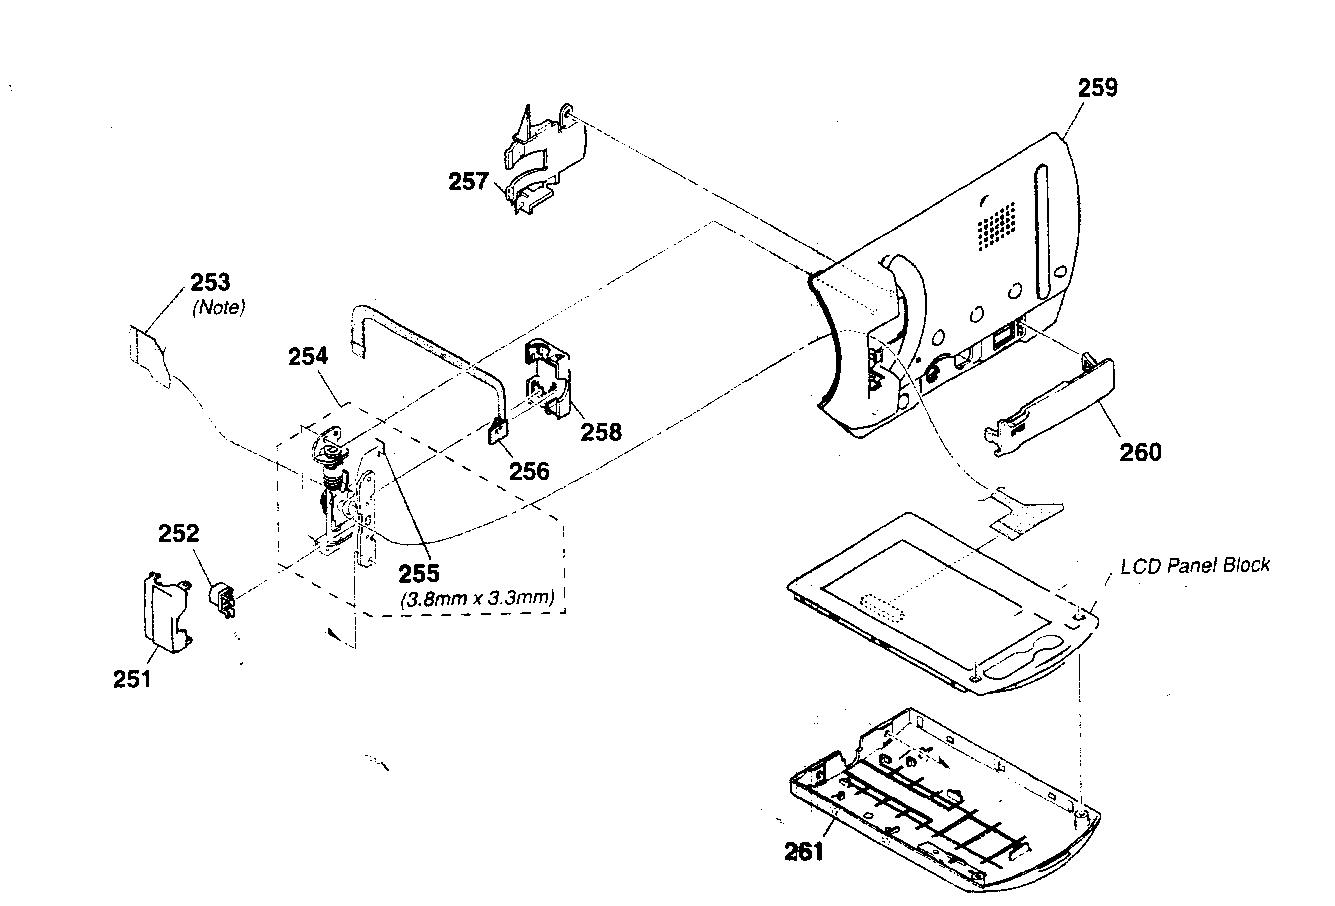 Sony model DCR-SR80 digital camcorder genuine parts